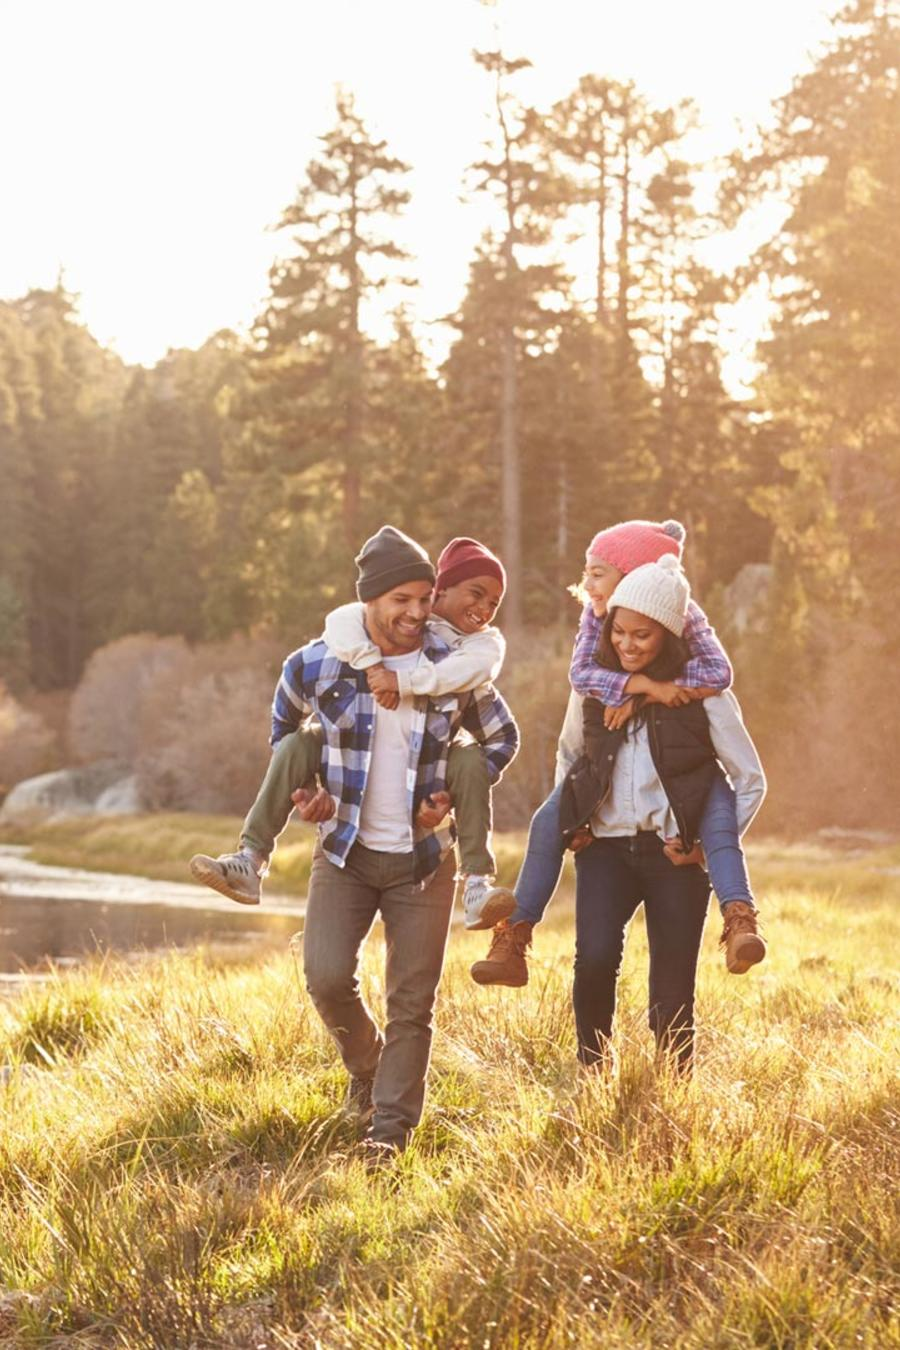 Familia caminando por el bosque